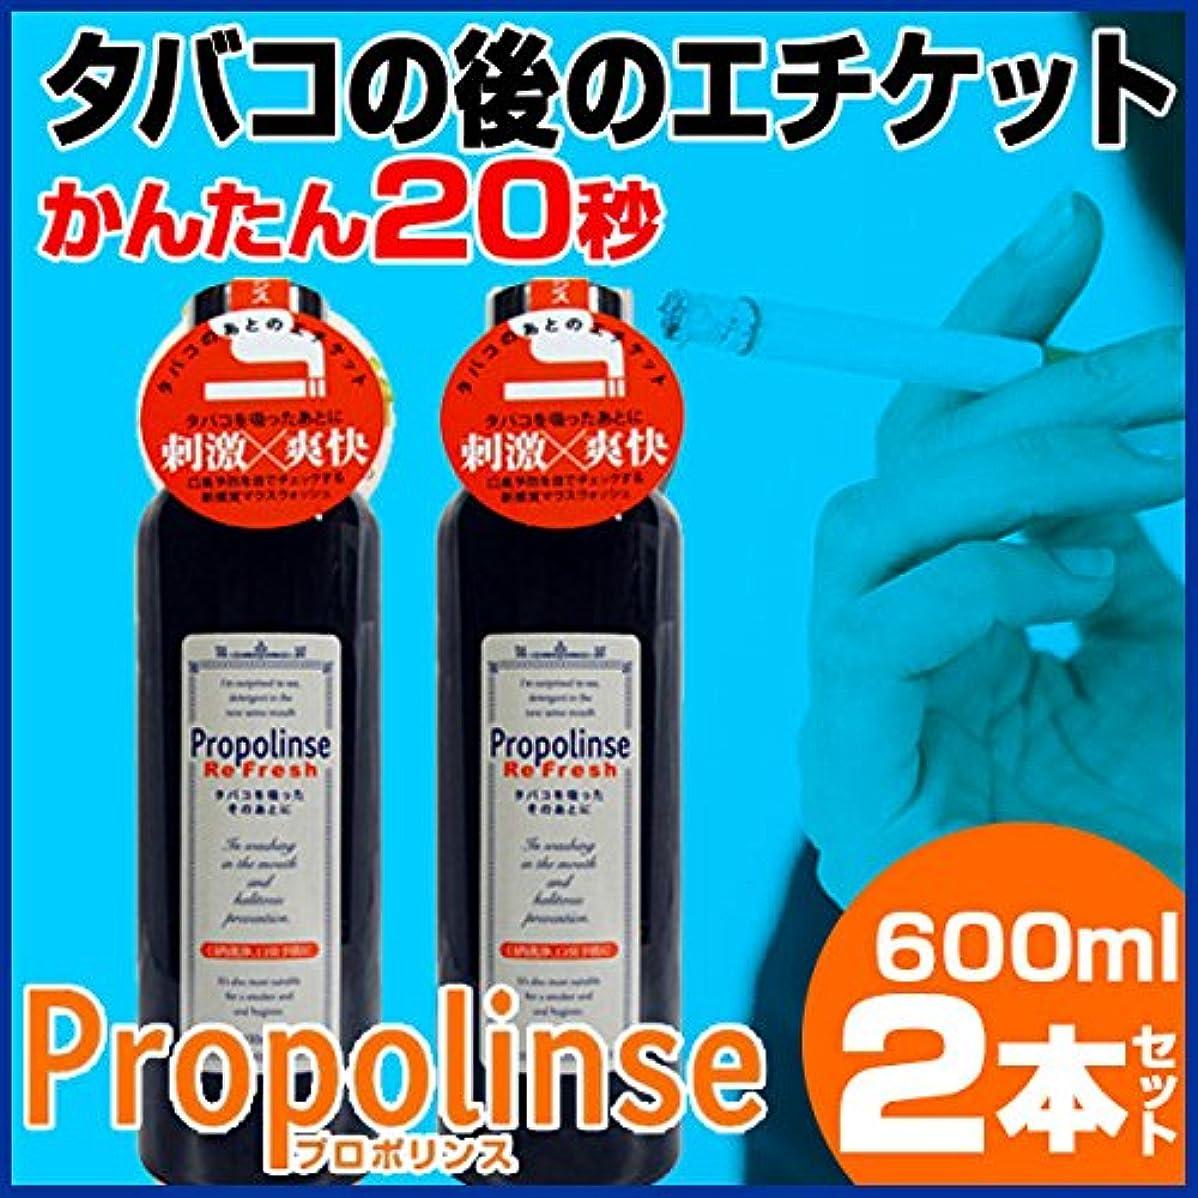 同行軽減する反論者プロポリンス リフレッシュ600ml【まとめ買い2個セット】